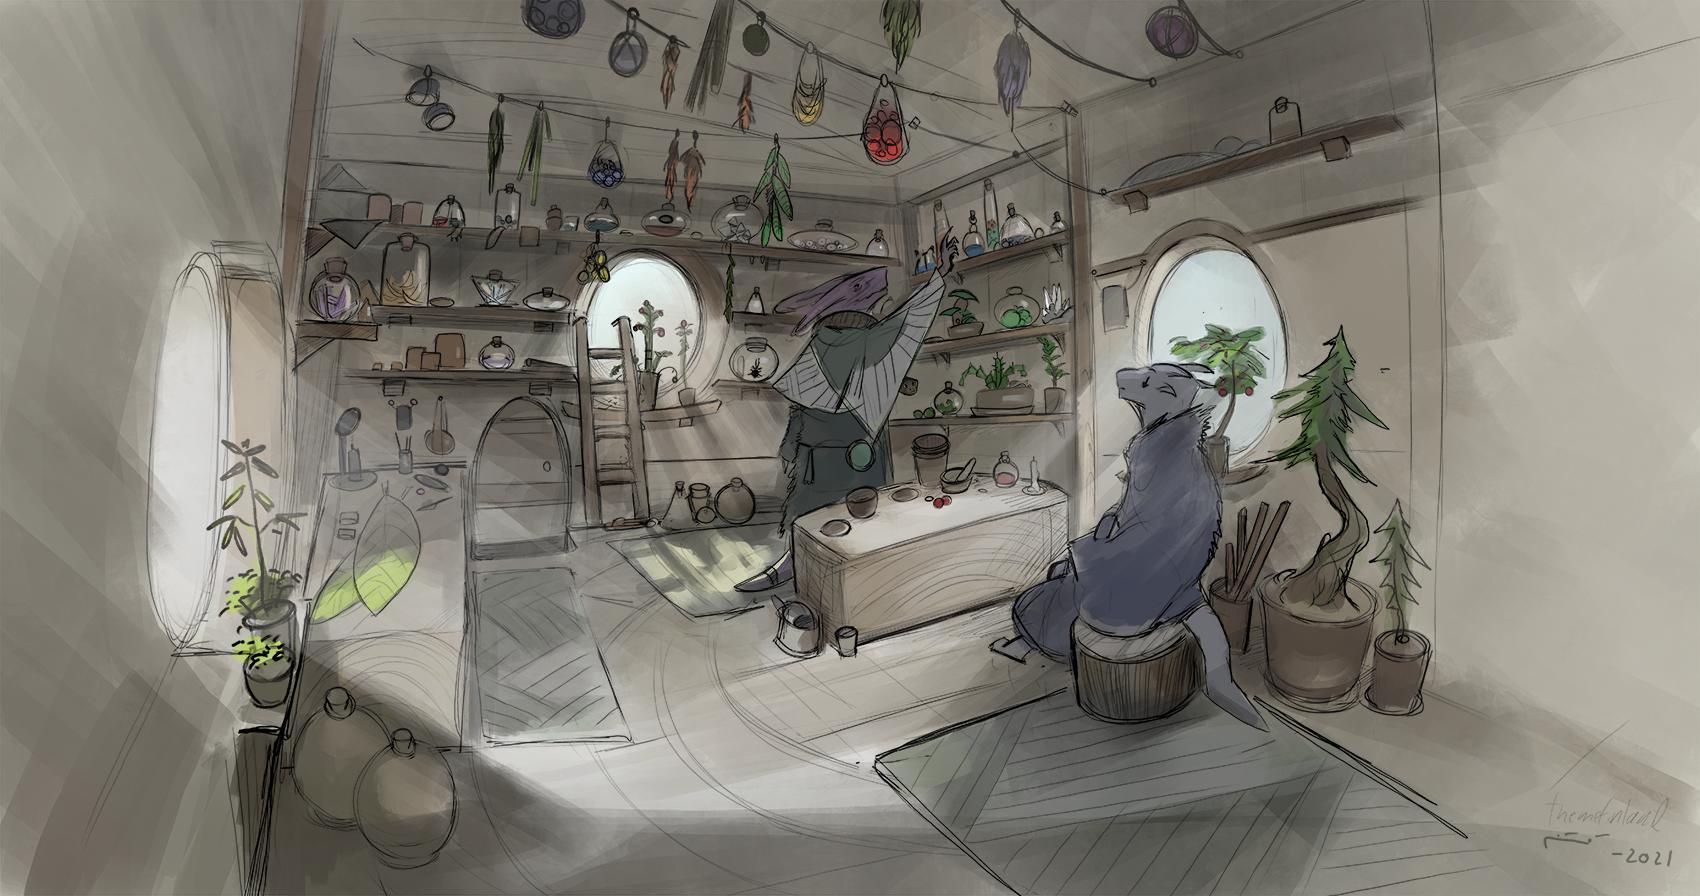 Shaman's workshop